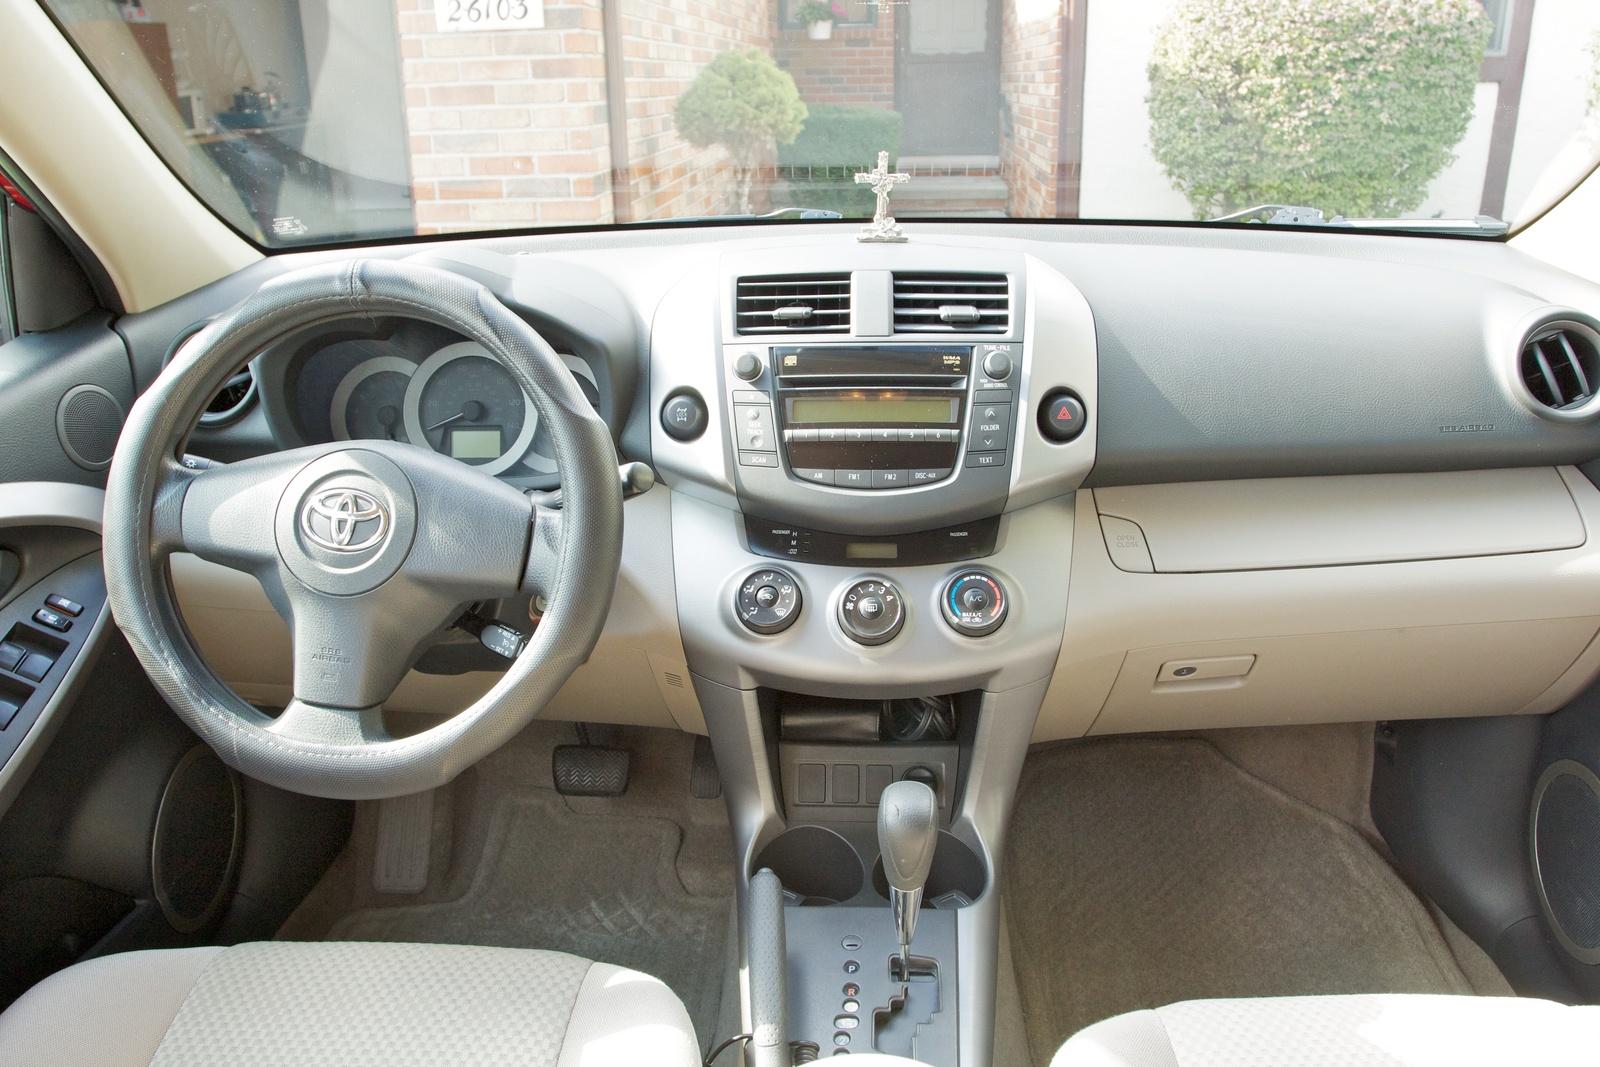 2006 Toyota Rav4 Pictures Cargurus